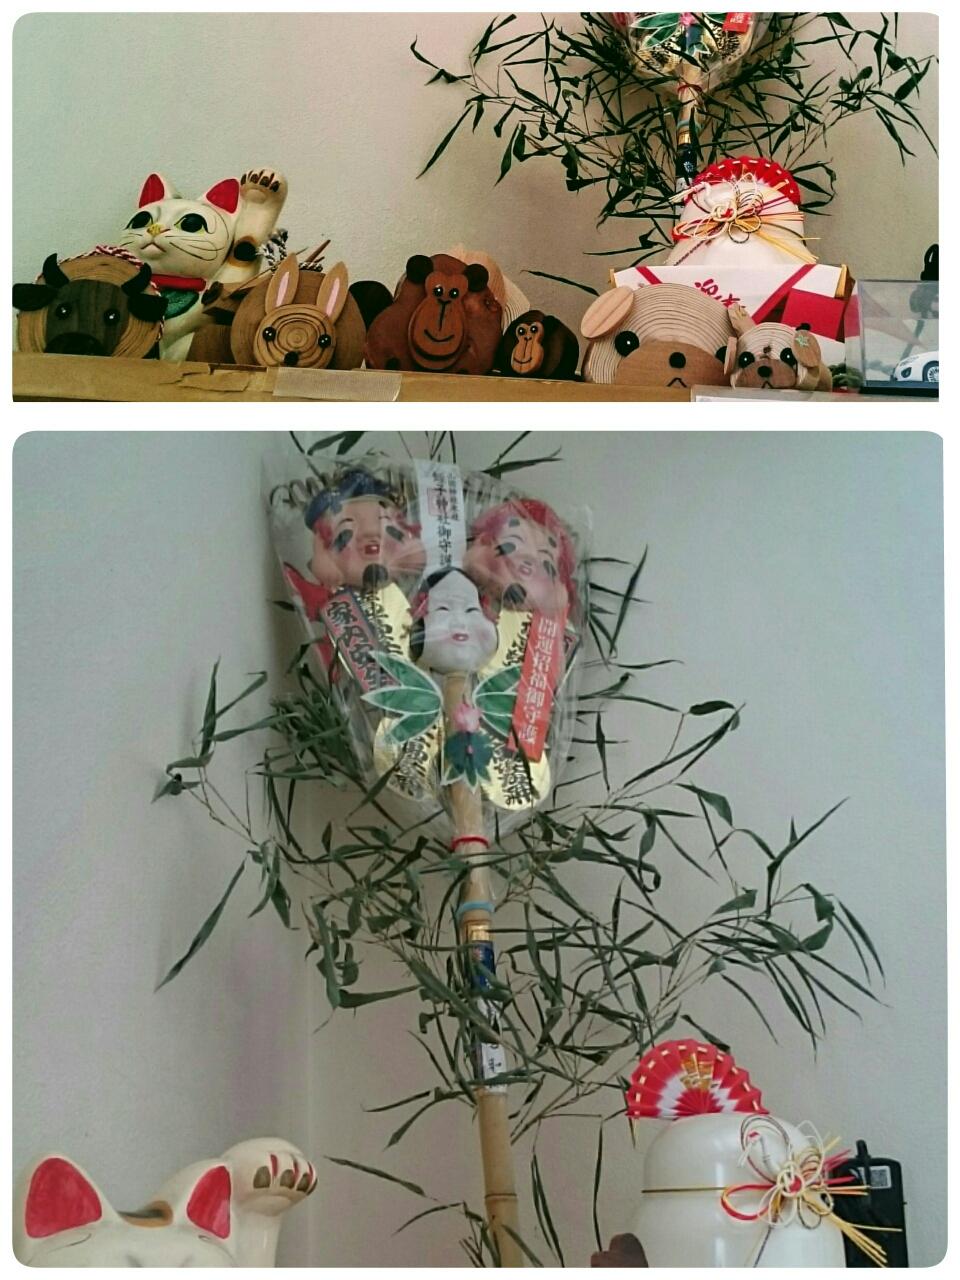 恵比寿飾りと一緒に可愛い木彫りの干支も並んでいます